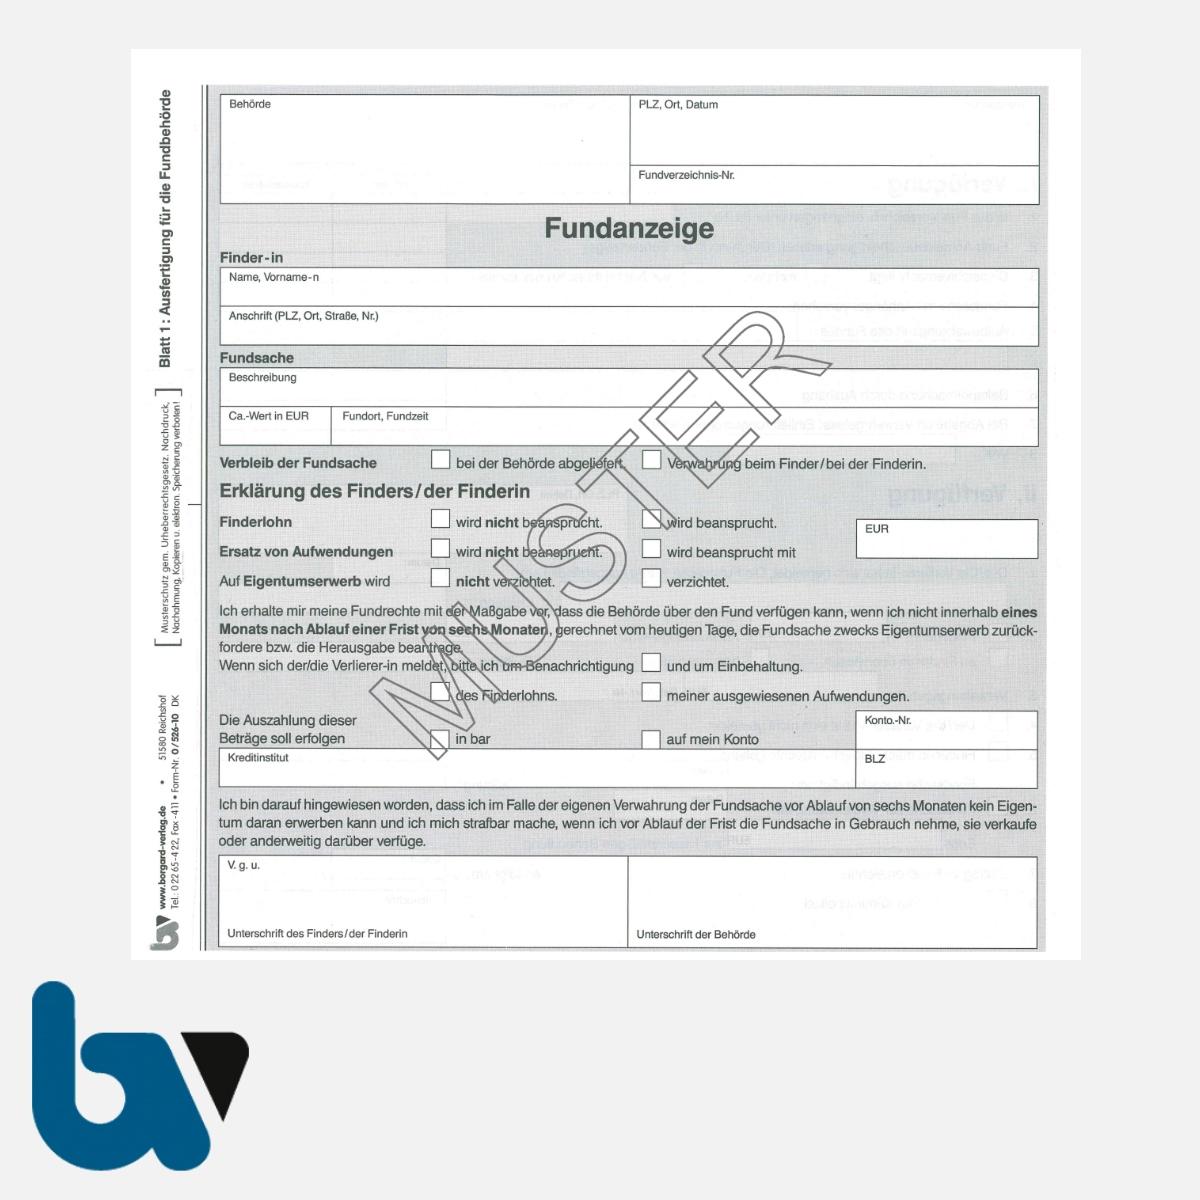 0/526-10 Fundanzeige Fundsache Erklärung Finder Fundanmeldebescheinigung mit Fundanhänger 4-fach selbstdurchschreibend DIN Seite 1 | Borgard Verlag GmbH